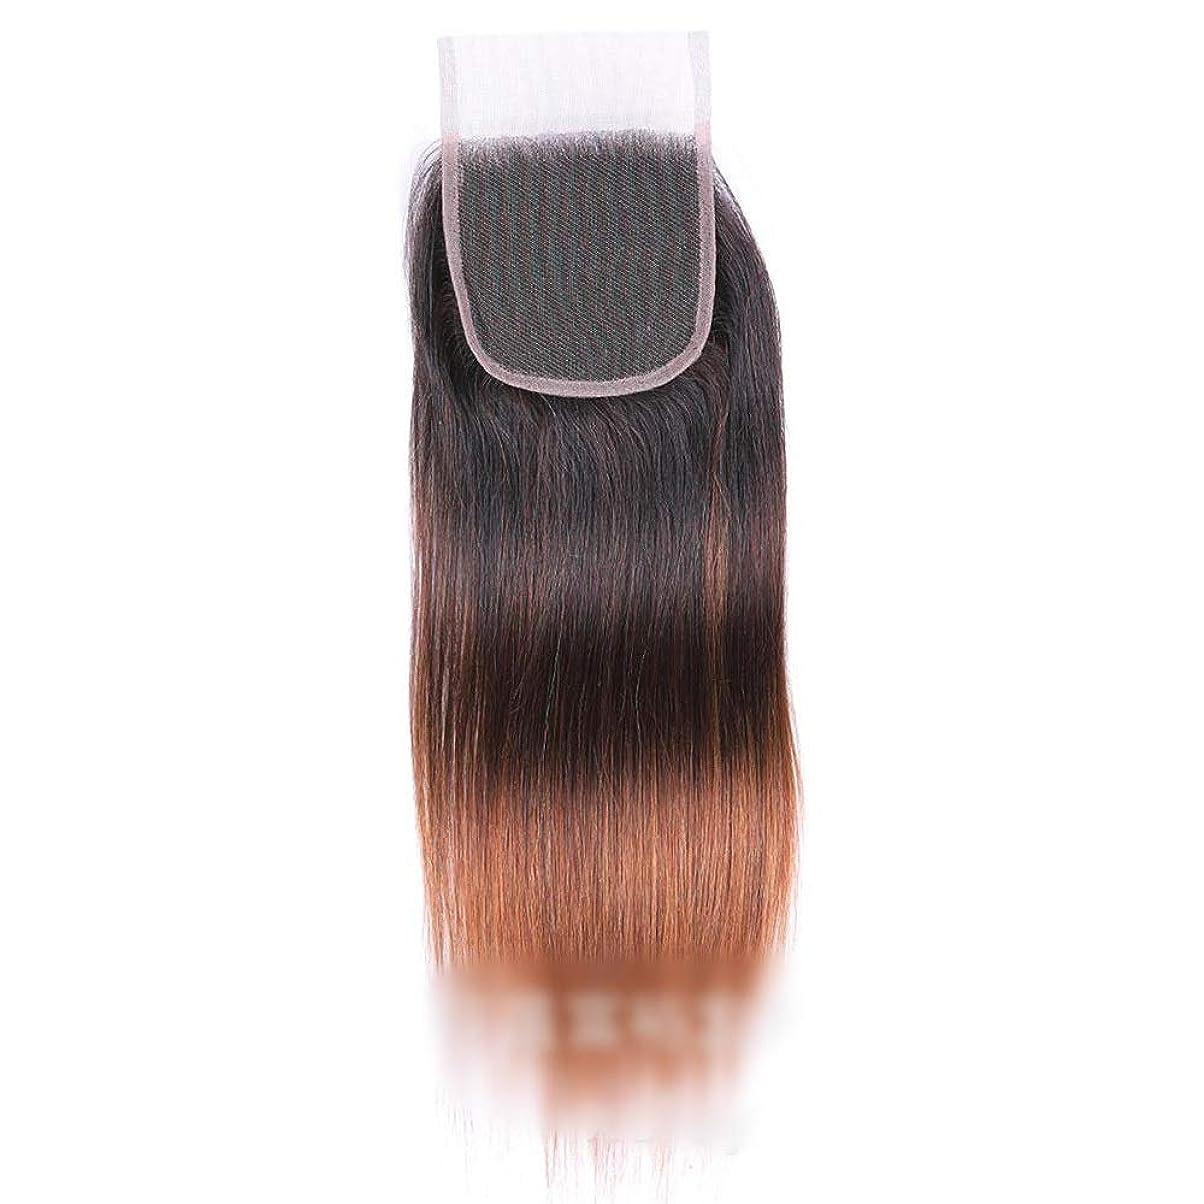 脱臼する直立火山のHOHYLLYA バージンブラジルの人間の髪の毛の無料パーツストレートレース閉鎖4×4 1B / 4/30 3トーンカラー8インチ18インチファッションかつら (色 : ブラウン, サイズ : 16 inch)